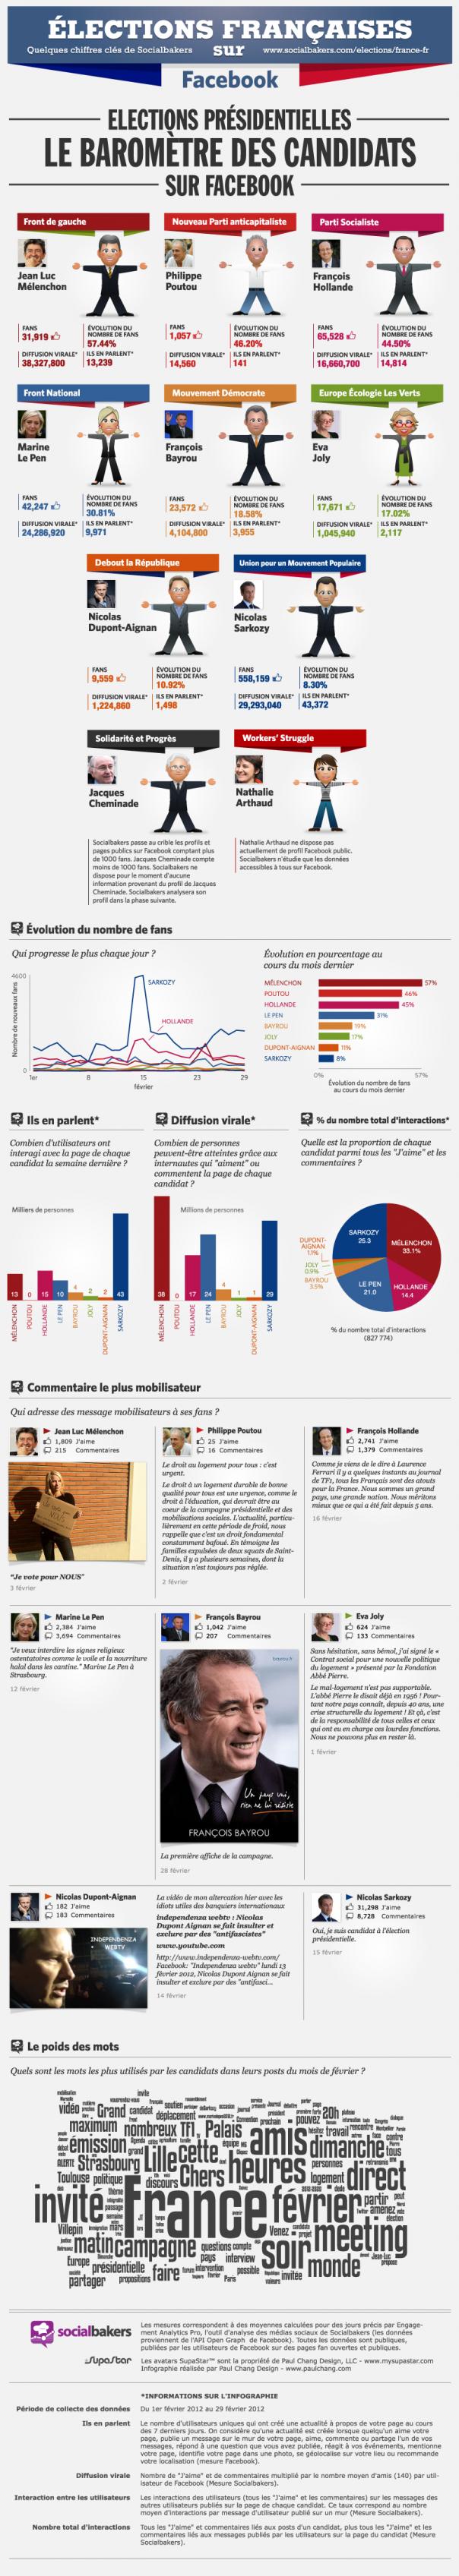 Le baromètre des candidats à la présidentielle 2012 sur Facebook